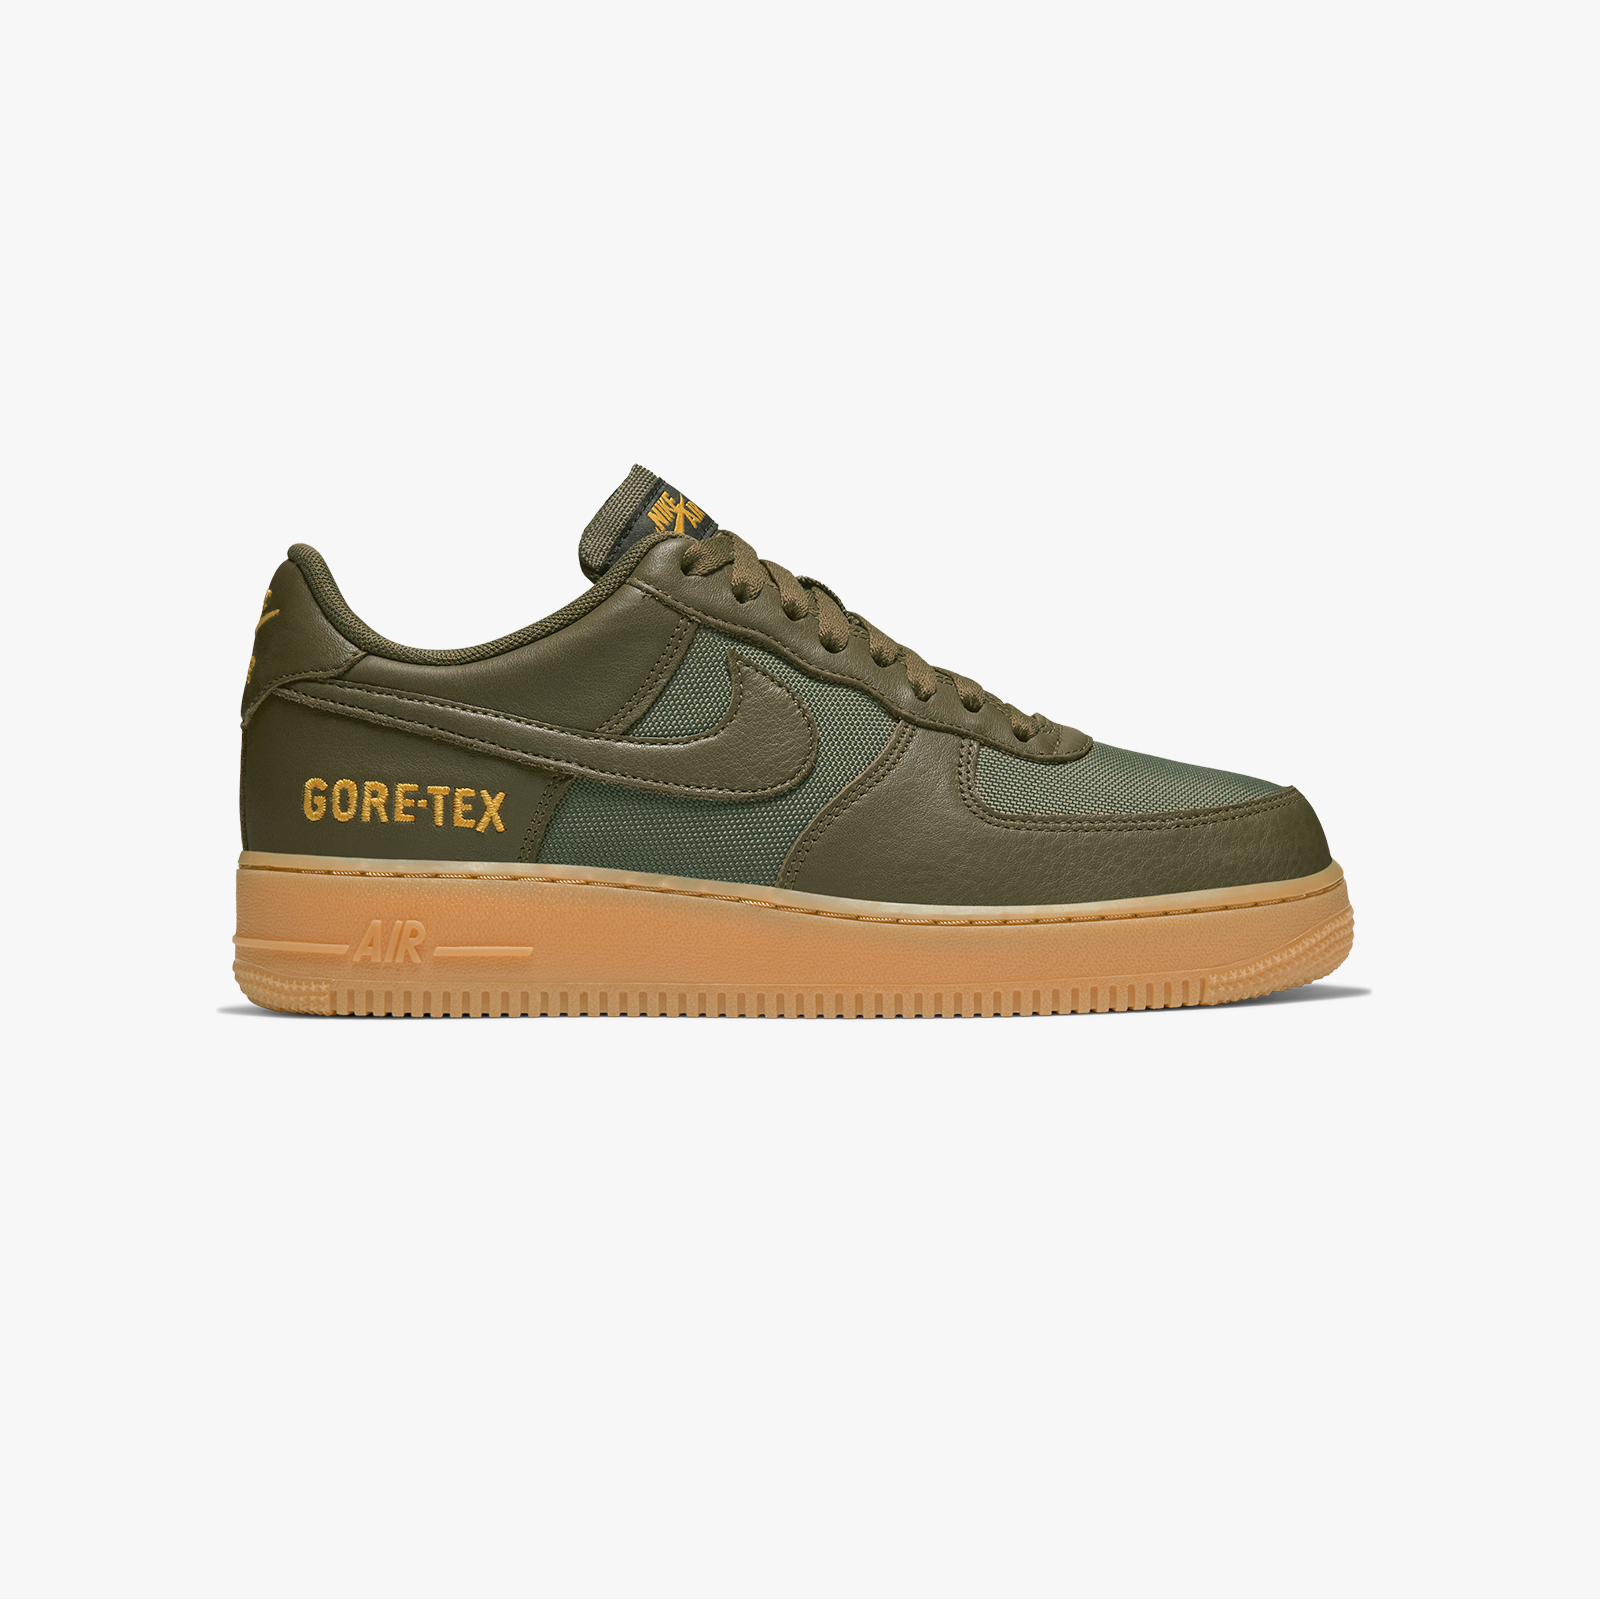 nike air force 1 herren olive green